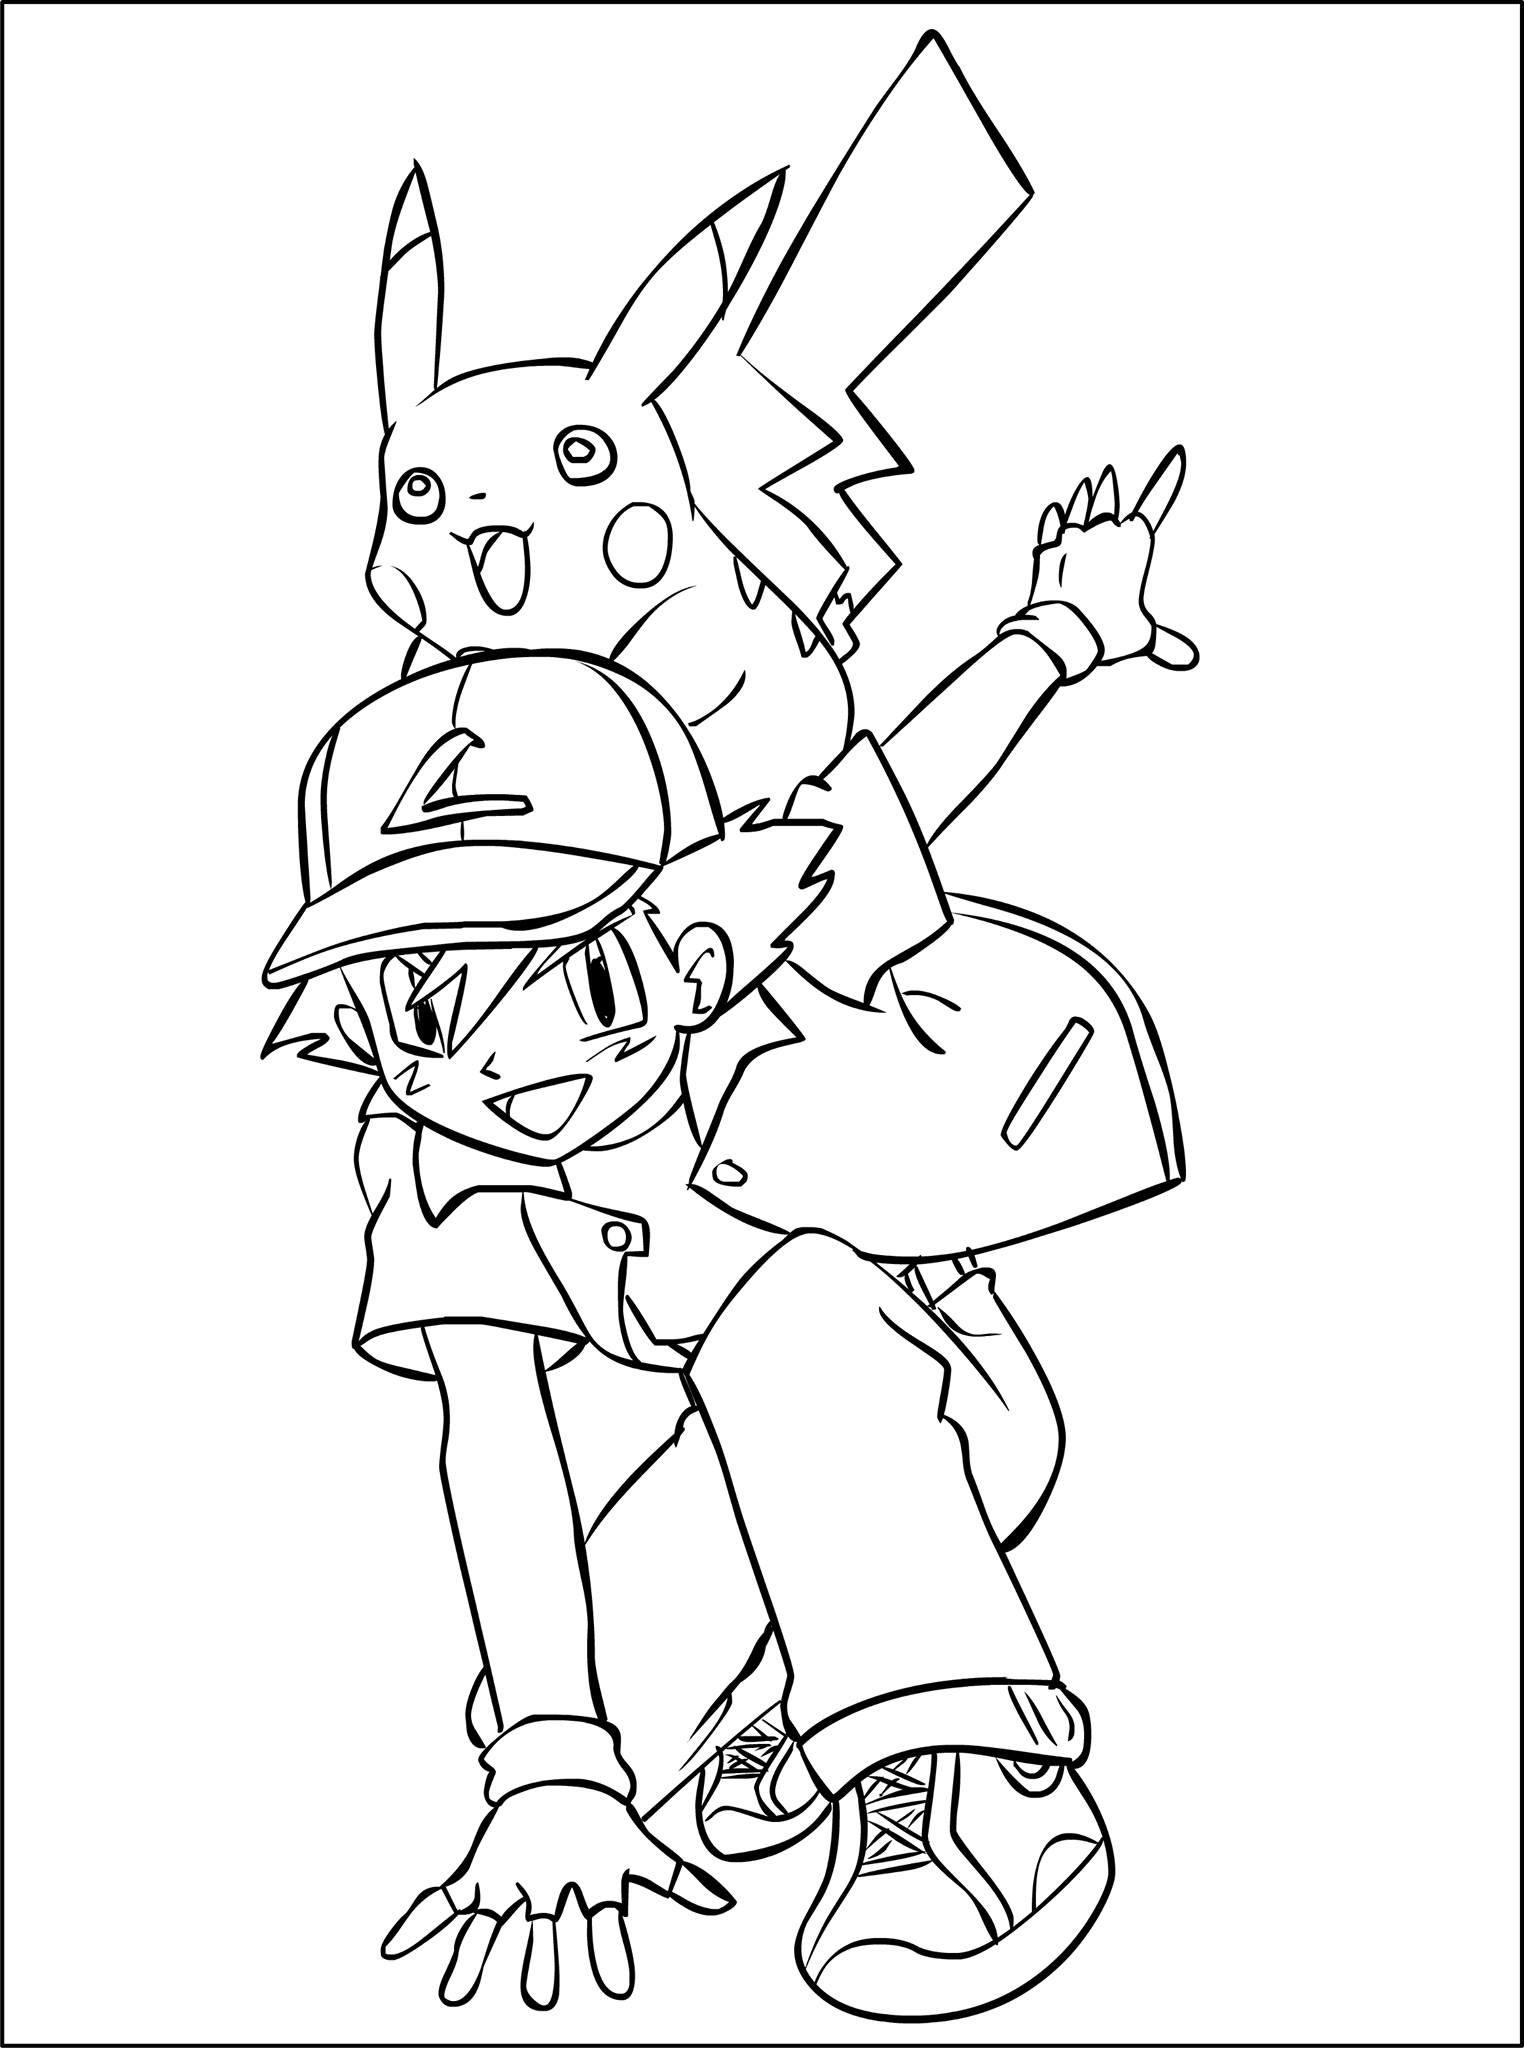 Dessin À Colorier En Ligne Gratuit Pokemon tout Dessin À Colorier En Ligne Gratuit